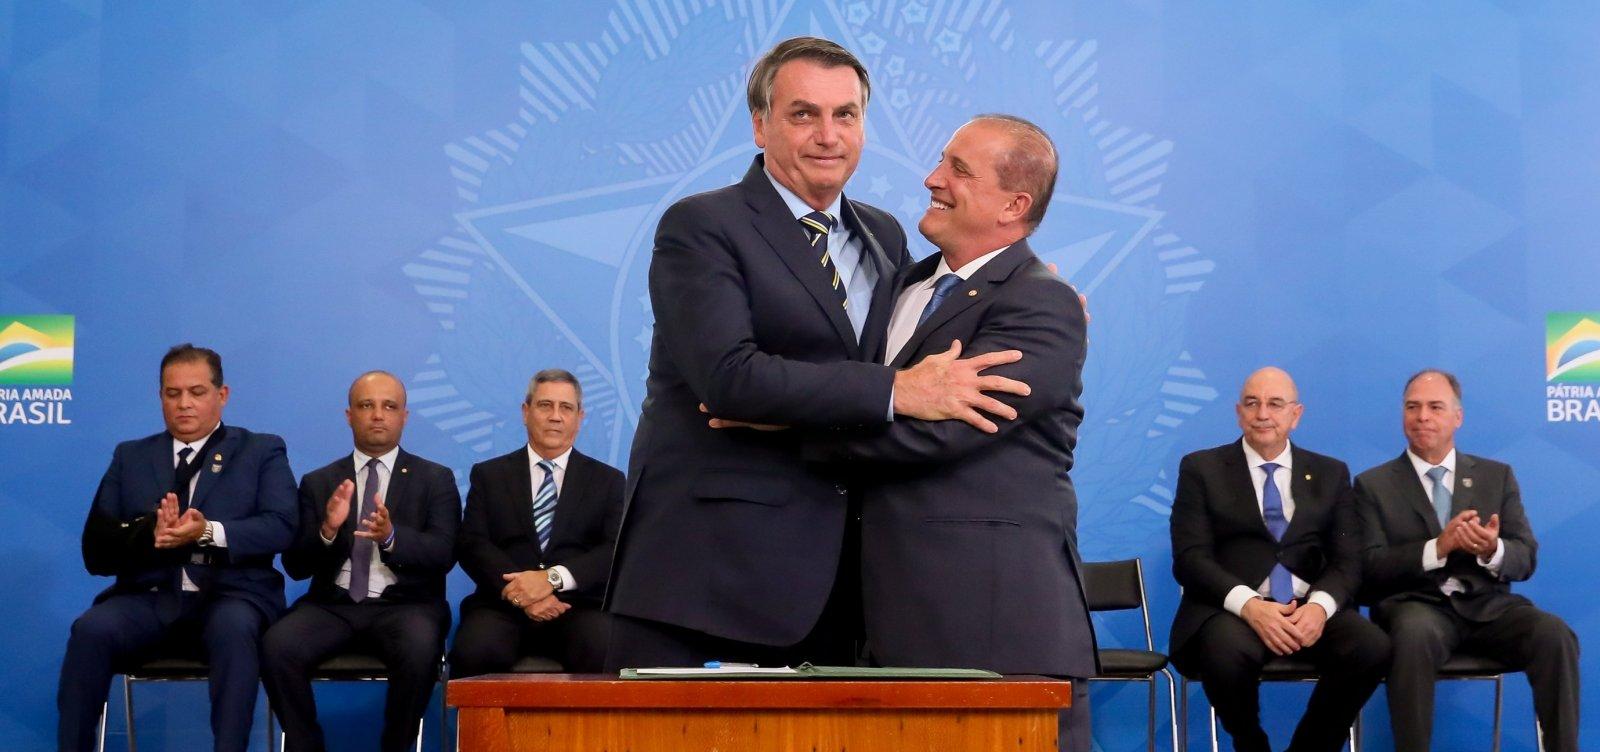 [Onyx comemora 18 meses 'sem casos de corrupção' no governo Bolsonaro]